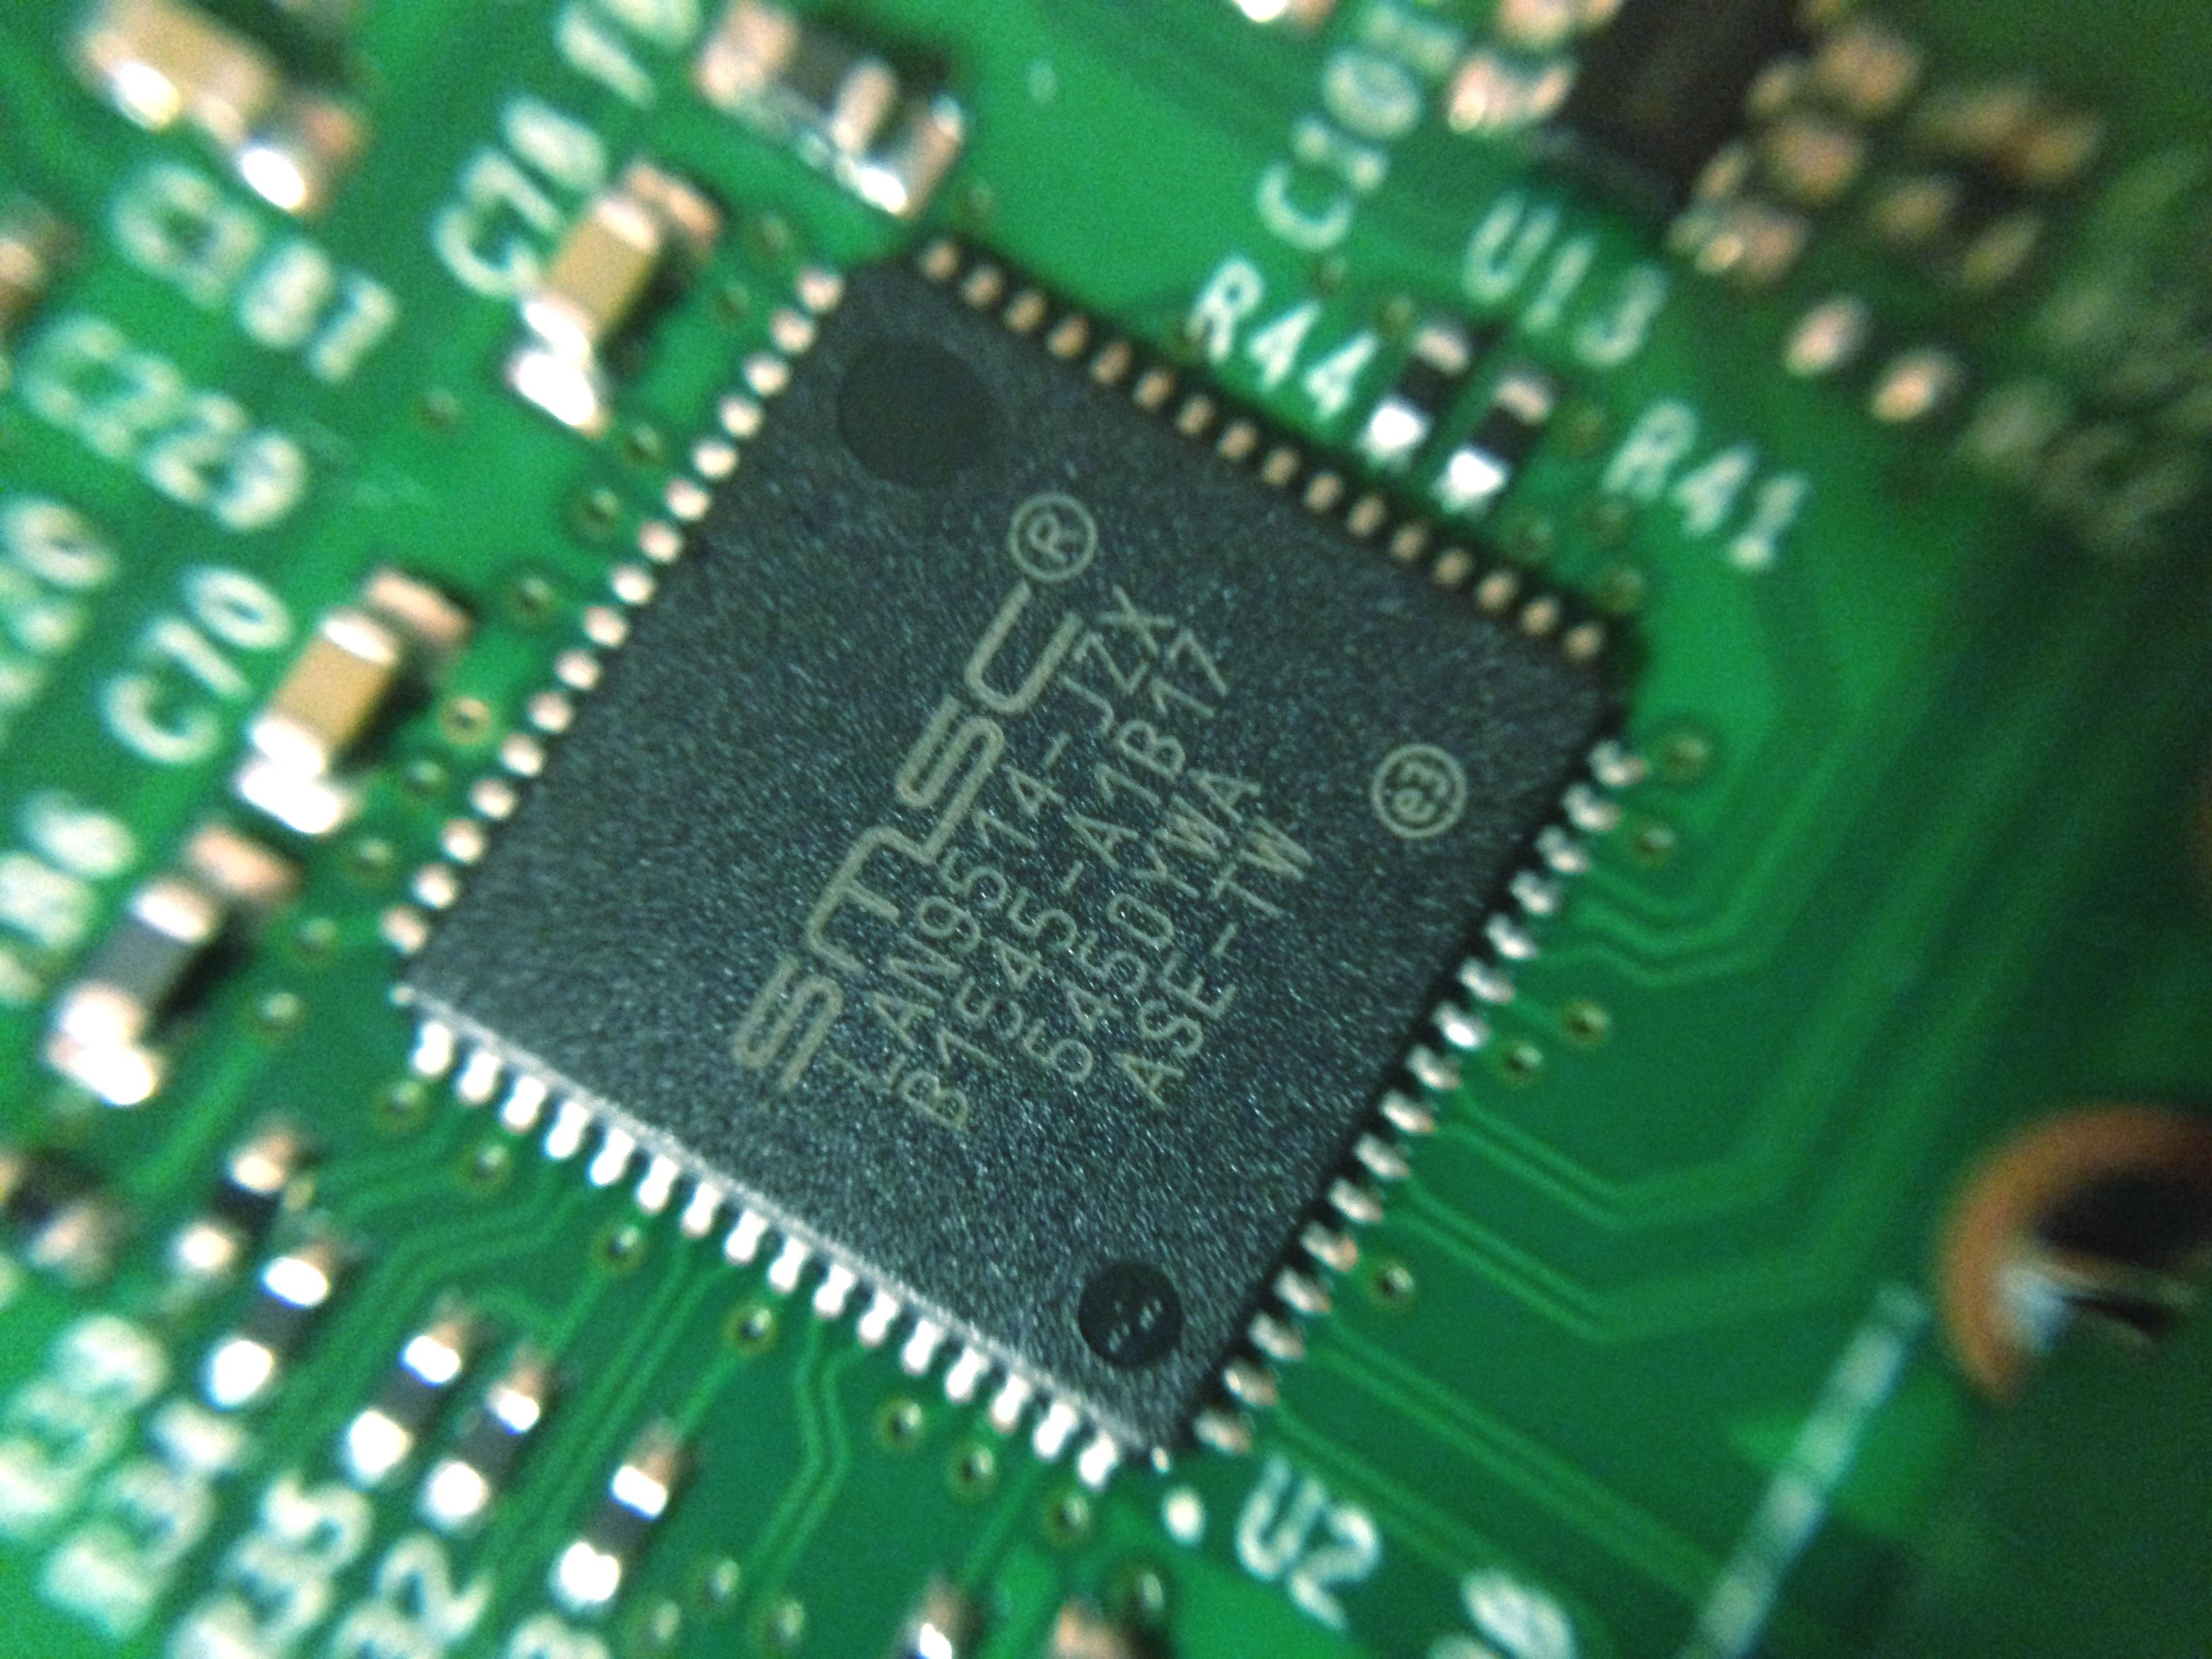 Raspberry Pi 3 LAN9514